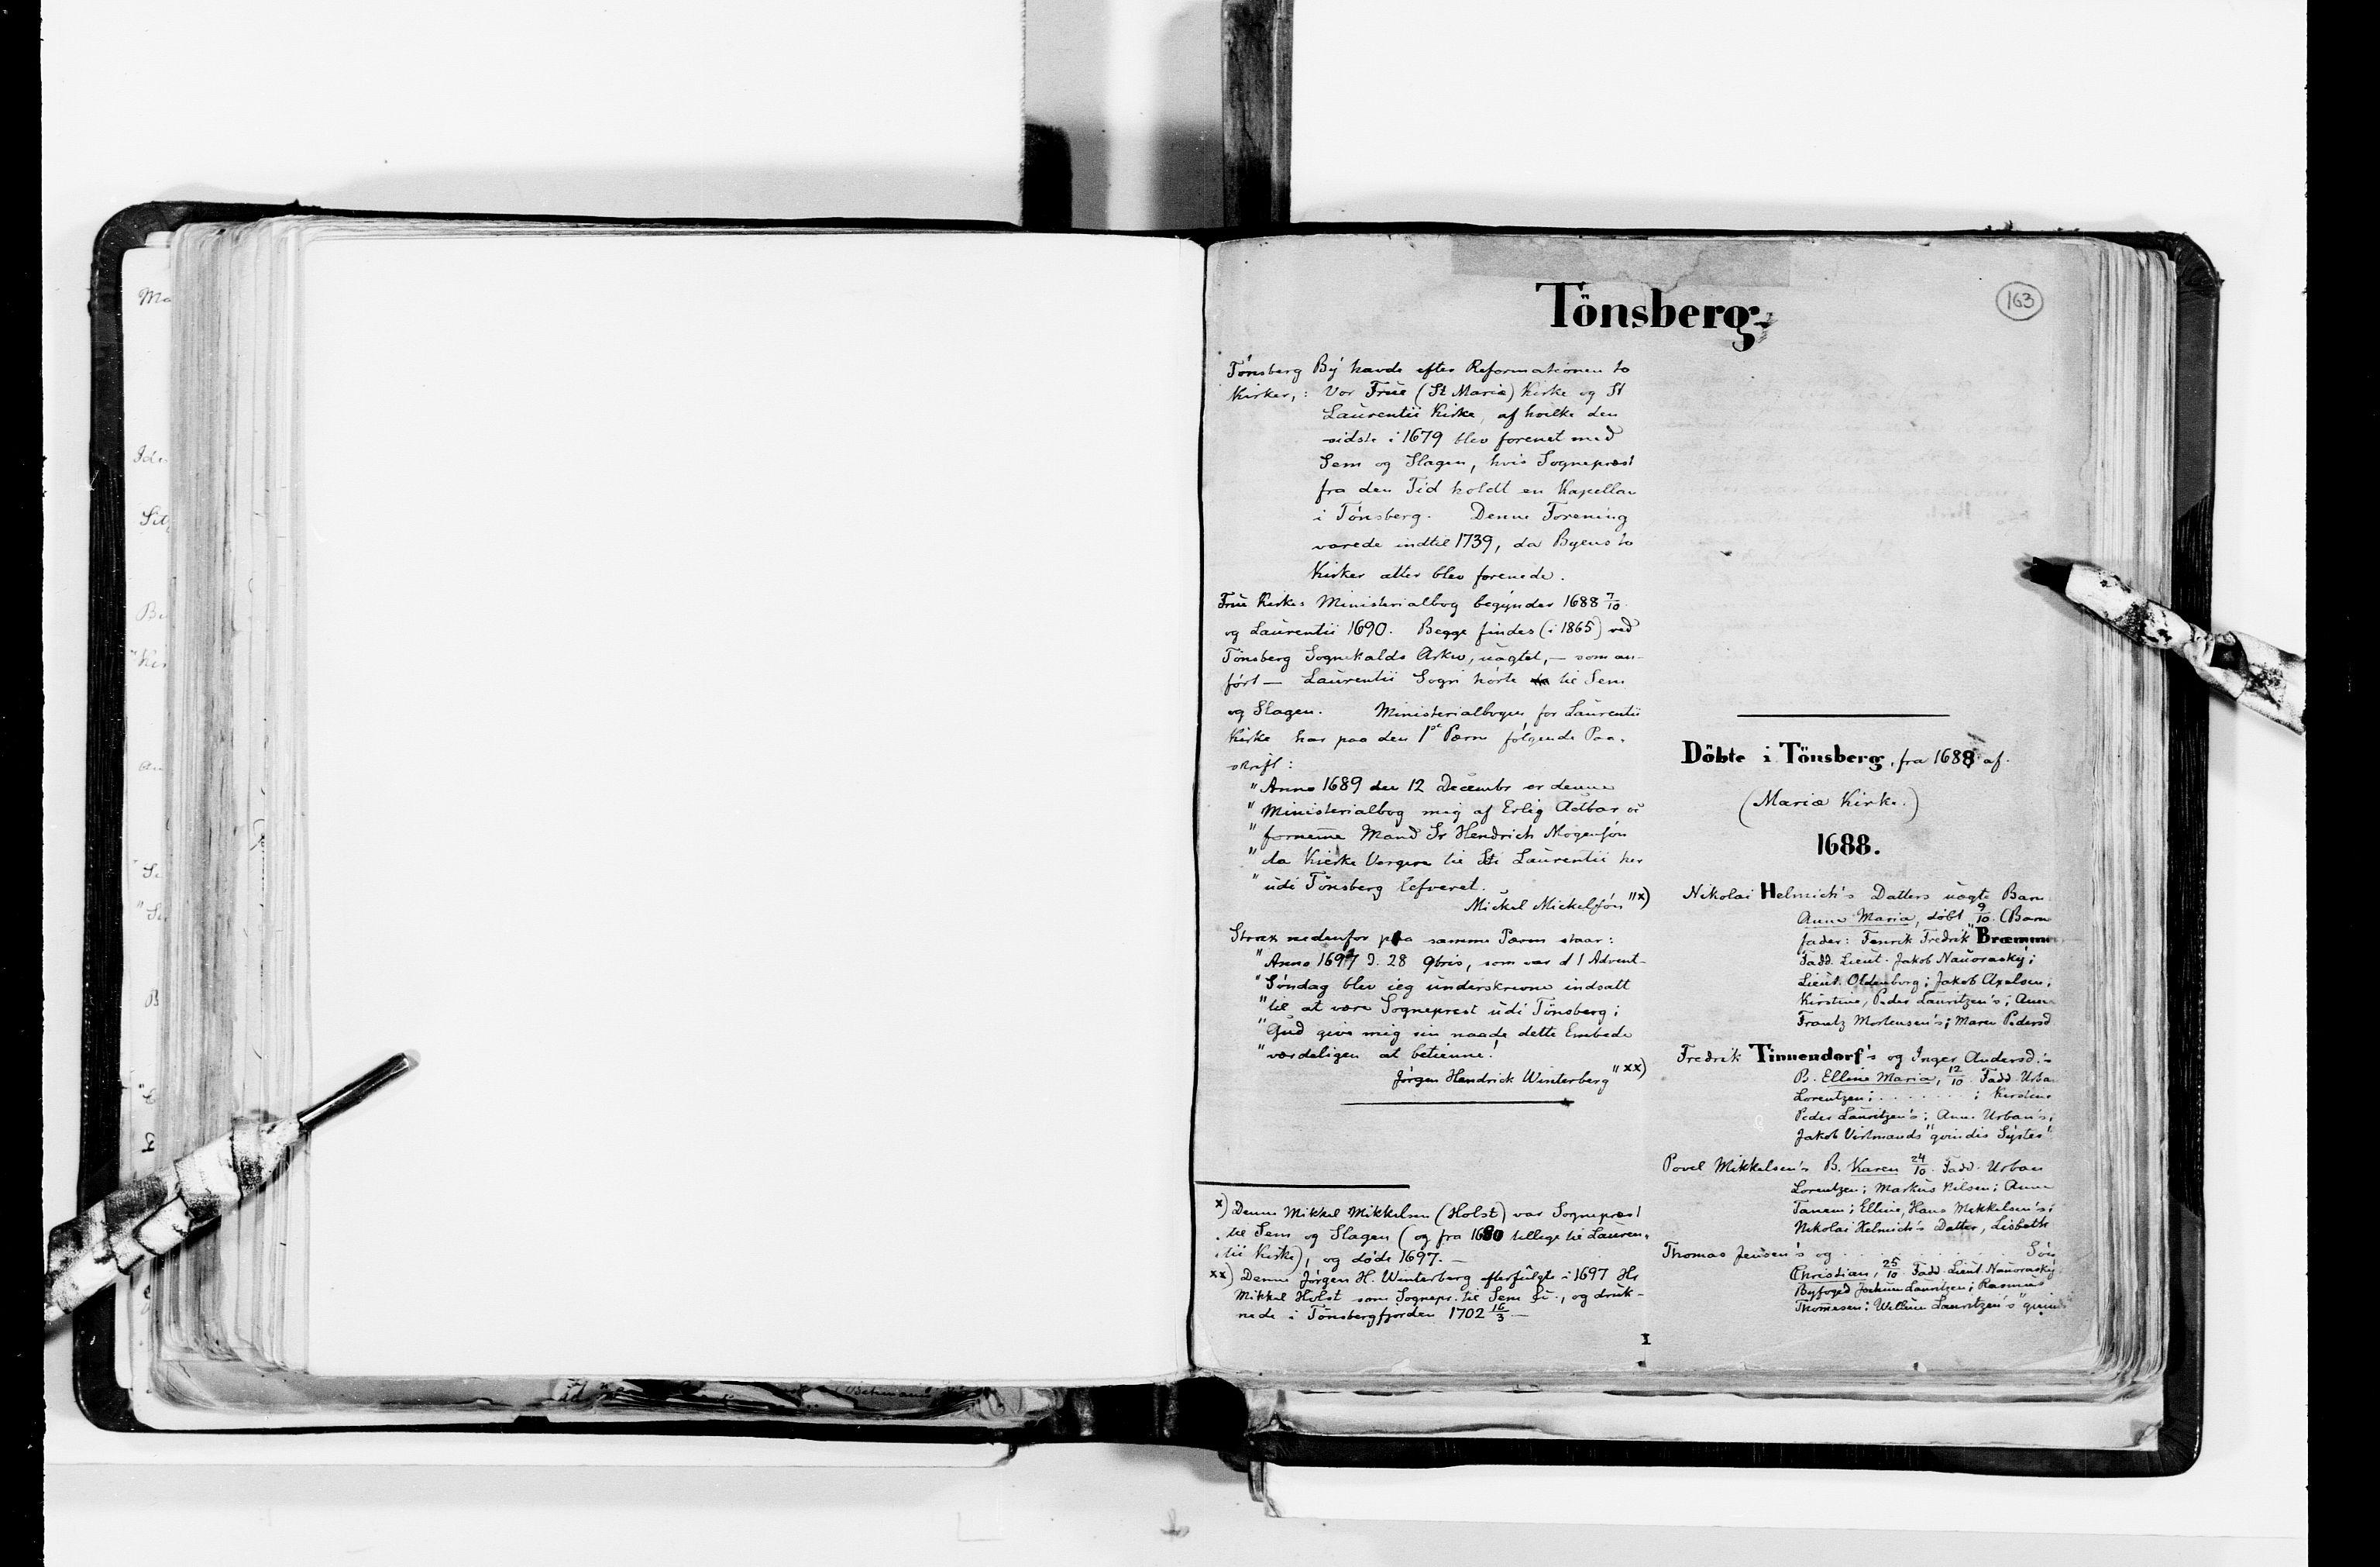 RA, Lassens samlinger, F/Fc, s. 163